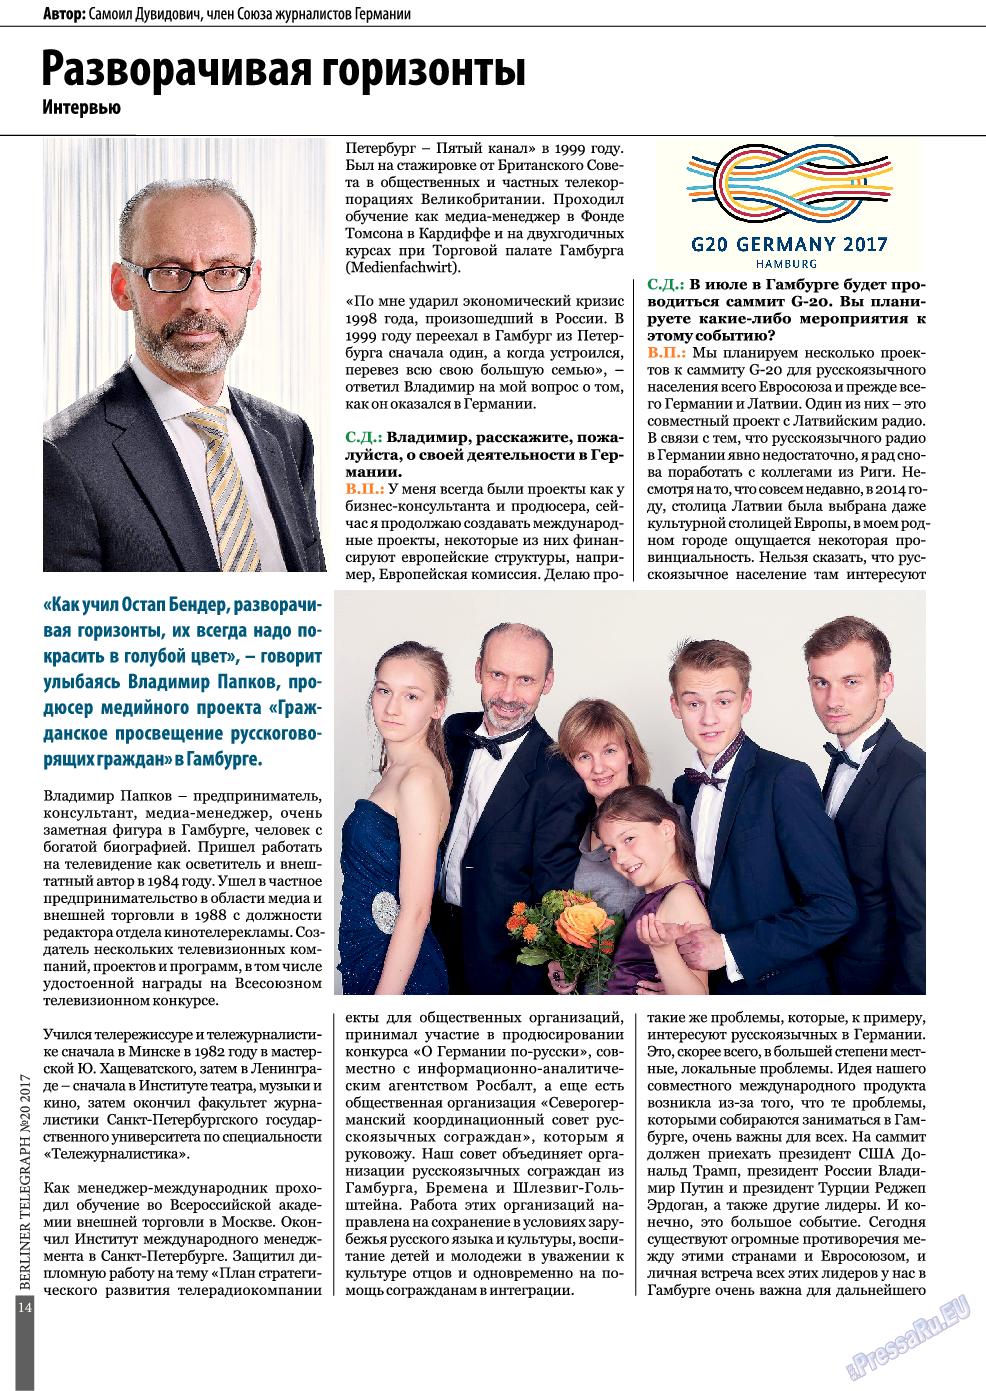 Берлинский телеграф (журнал). 2017 год, номер 20, стр. 14